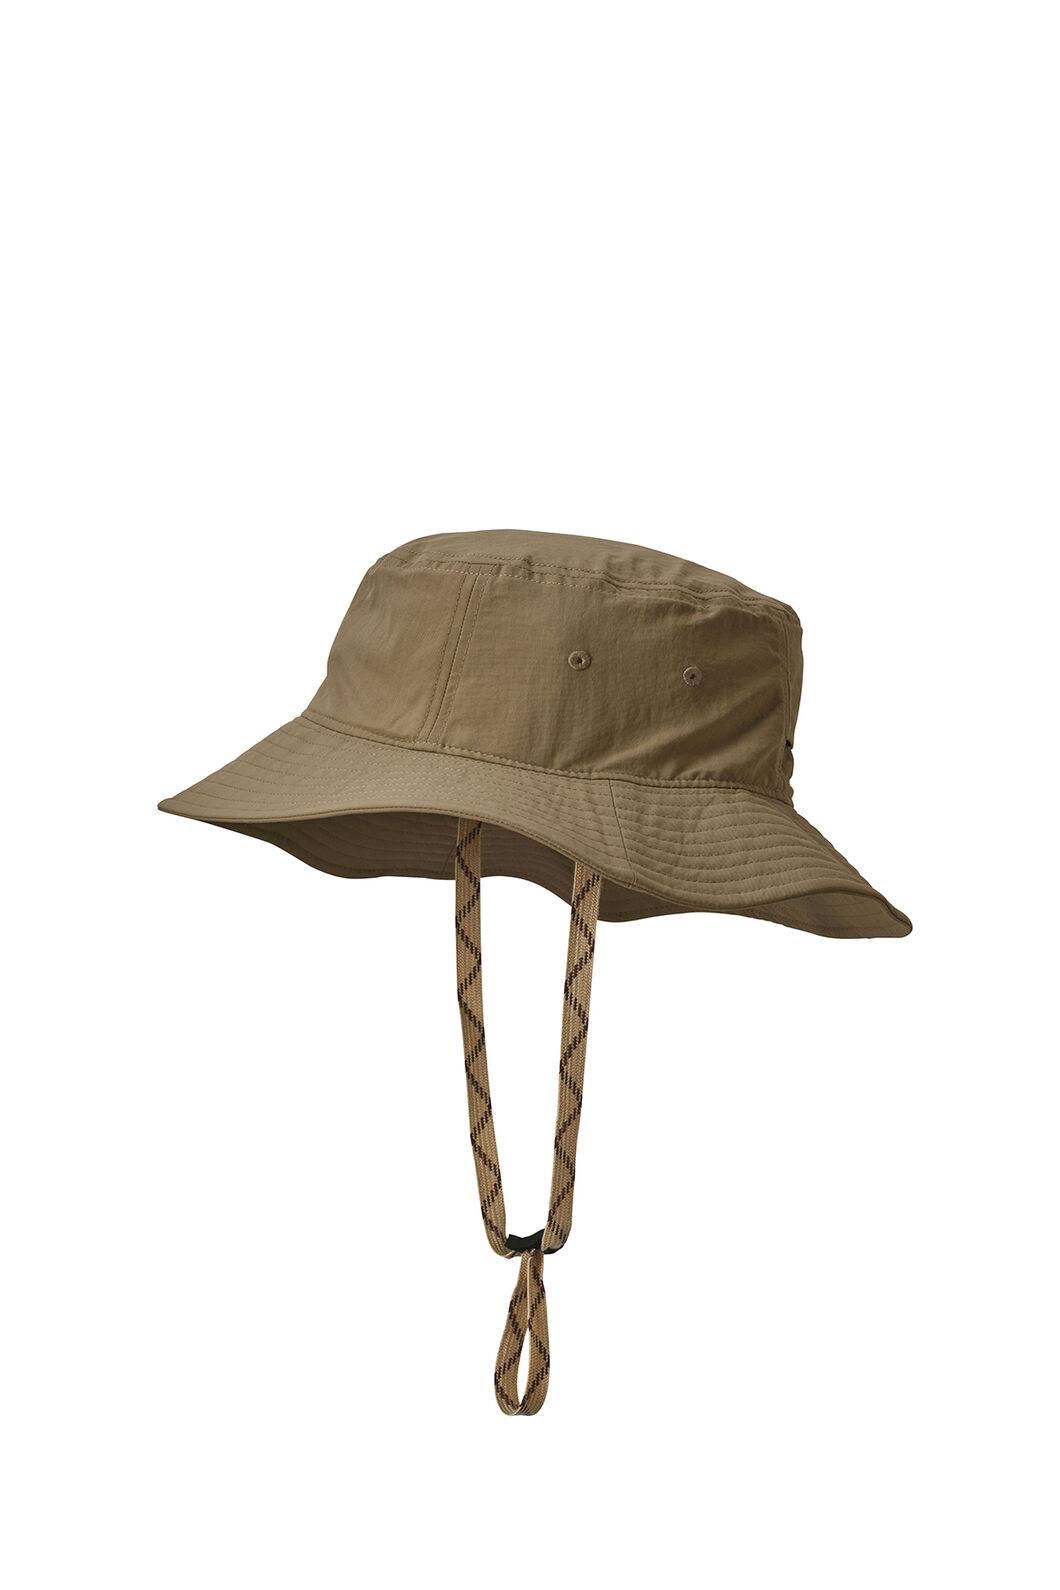 Patagonia Mickledore Hat — Men's, Ash Tan, hi-res